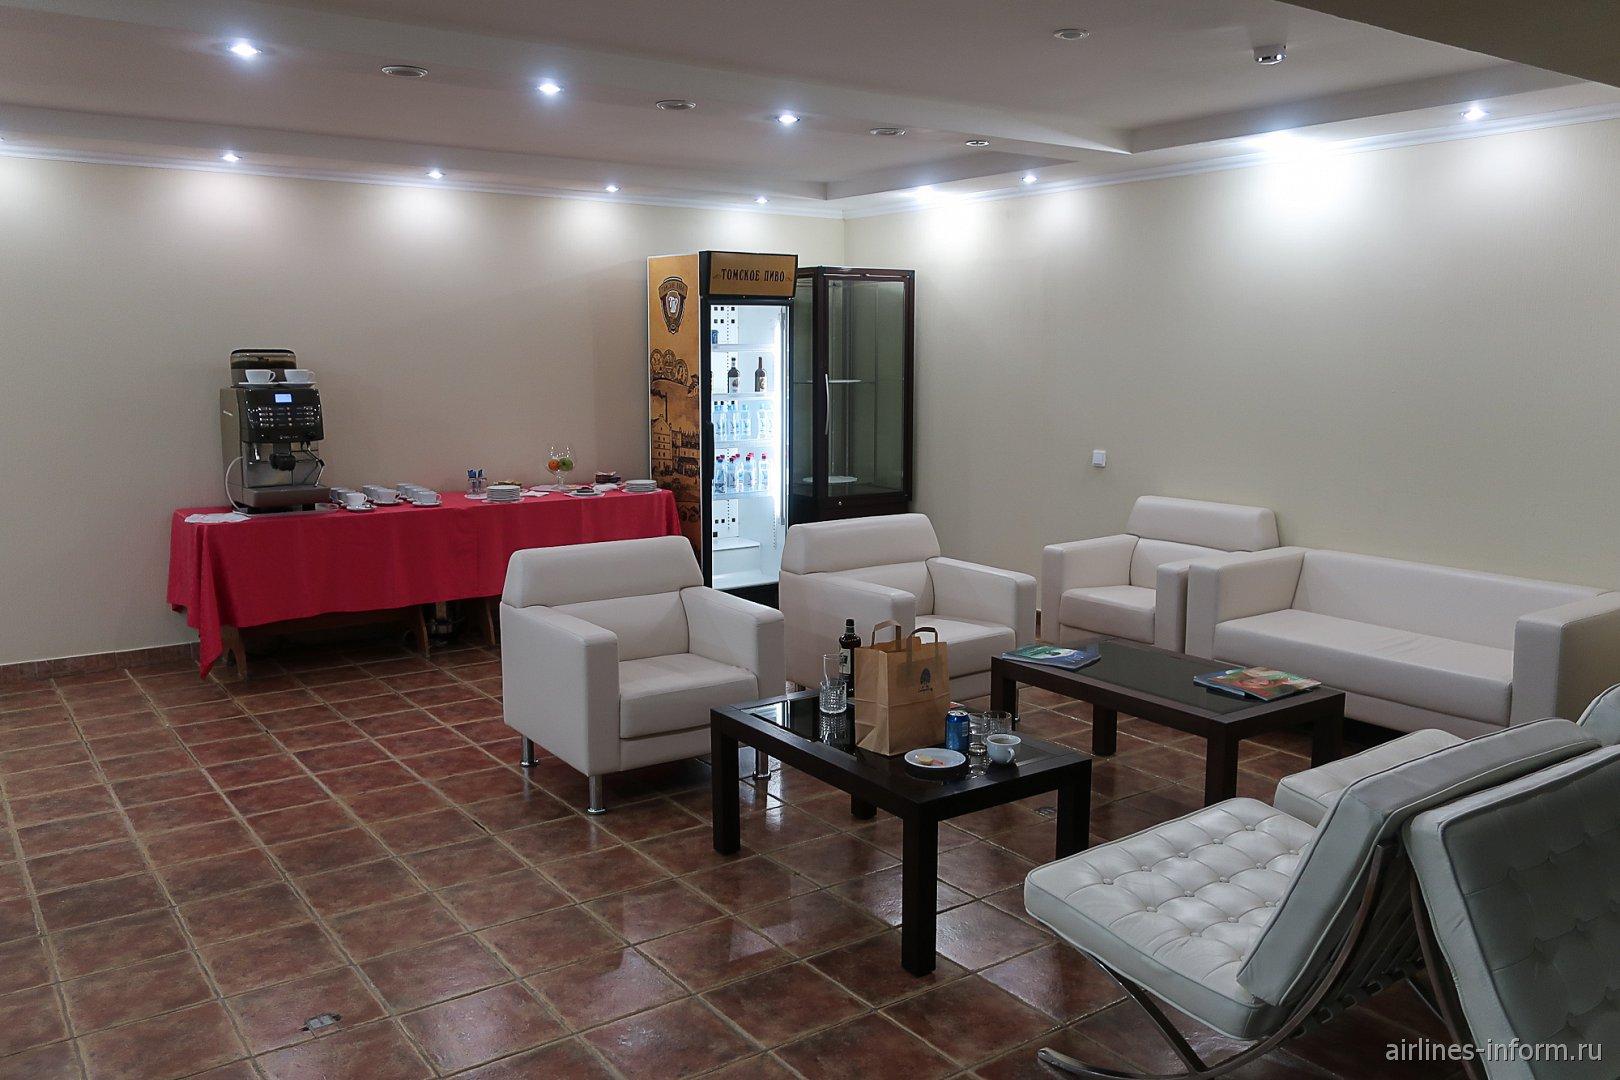 Комната ожидания в бизнес-зале Томского аэропорта